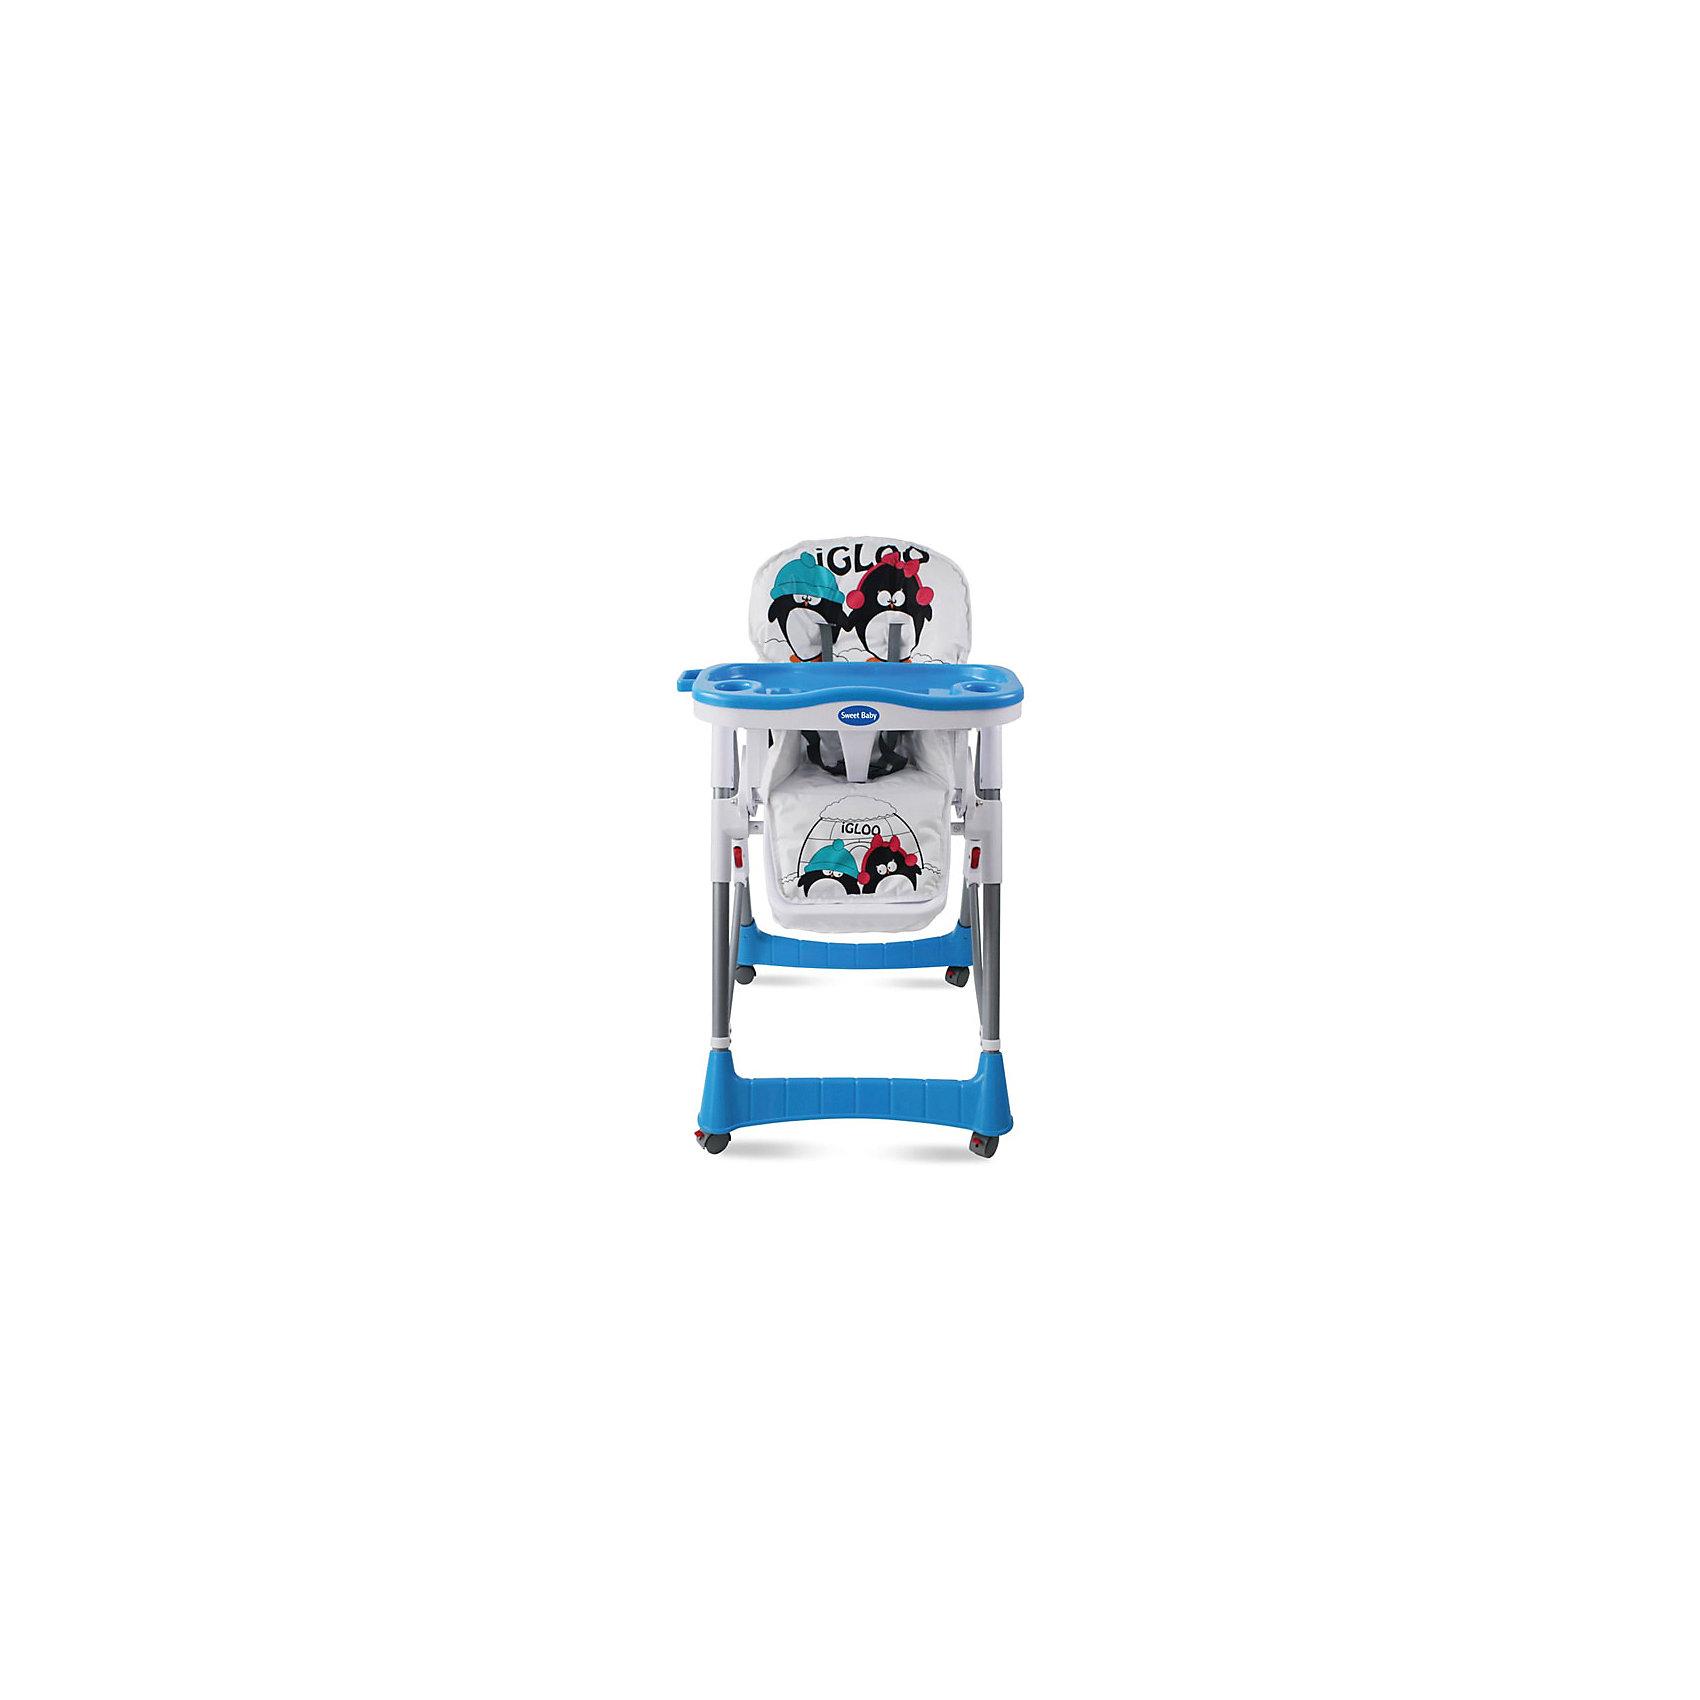 Стульчик для кормления Couple, Sweet Baby, Light AquaСтульчики для кормления<br>Характеристики товара:<br><br>• цвет: Light Aqua<br>• для детей от 6 месяцев до 3 лет<br>• устойчивая конструкция<br>• 4 колесика со стопорами<br>• регулировка сиденья по высоте (5 положений)<br>• регулируемая спинка (3 положения)<br>• съемный регулируемый столик с разделителем для ножек<br>• съемный поднос с 2 углублениями для стаканов<br>• 5-точечный ремень безопасности<br>• мягкий чехол<br>• корзина для мелочей<br>• материал: пластик, металл, текстиль<br>• вес: 8,5 кг<br>• размер стульчика: 70х60х106 см<br>• размер упаковки: 70х29х47 см<br><br>Стульчик для кормления Sweet Baby Couple для детей от 6 месяцев. Это практичная и функциональная модель, которую можно настроить индивидуально для каждого ребенка. <br><br>Для обеспечения безопасности малыша, в Couple предусмотрены ремни безопасности, пластиковый разделитель для ножек и высокие боковинки. <br><br>Этот компактный стульчик займет немного места в помещении любого размера. Благодаря небольшим колесикам, его быстро и удобно перемещать. Поднос столика снимается и может мыться в посудомоечной машине, а текстильная накладка устойчива к влаге и загрязнениям. <br><br>Стульчик для кормления Couple, Sweet Baby, Light Aqua можно купить в нашем интернет-магазине.<br><br>Ширина мм: 750<br>Глубина мм: 600<br>Высота мм: 1050<br>Вес г: 9500<br>Возраст от месяцев: 0<br>Возраст до месяцев: 36<br>Пол: Унисекс<br>Возраст: Детский<br>SKU: 6680148